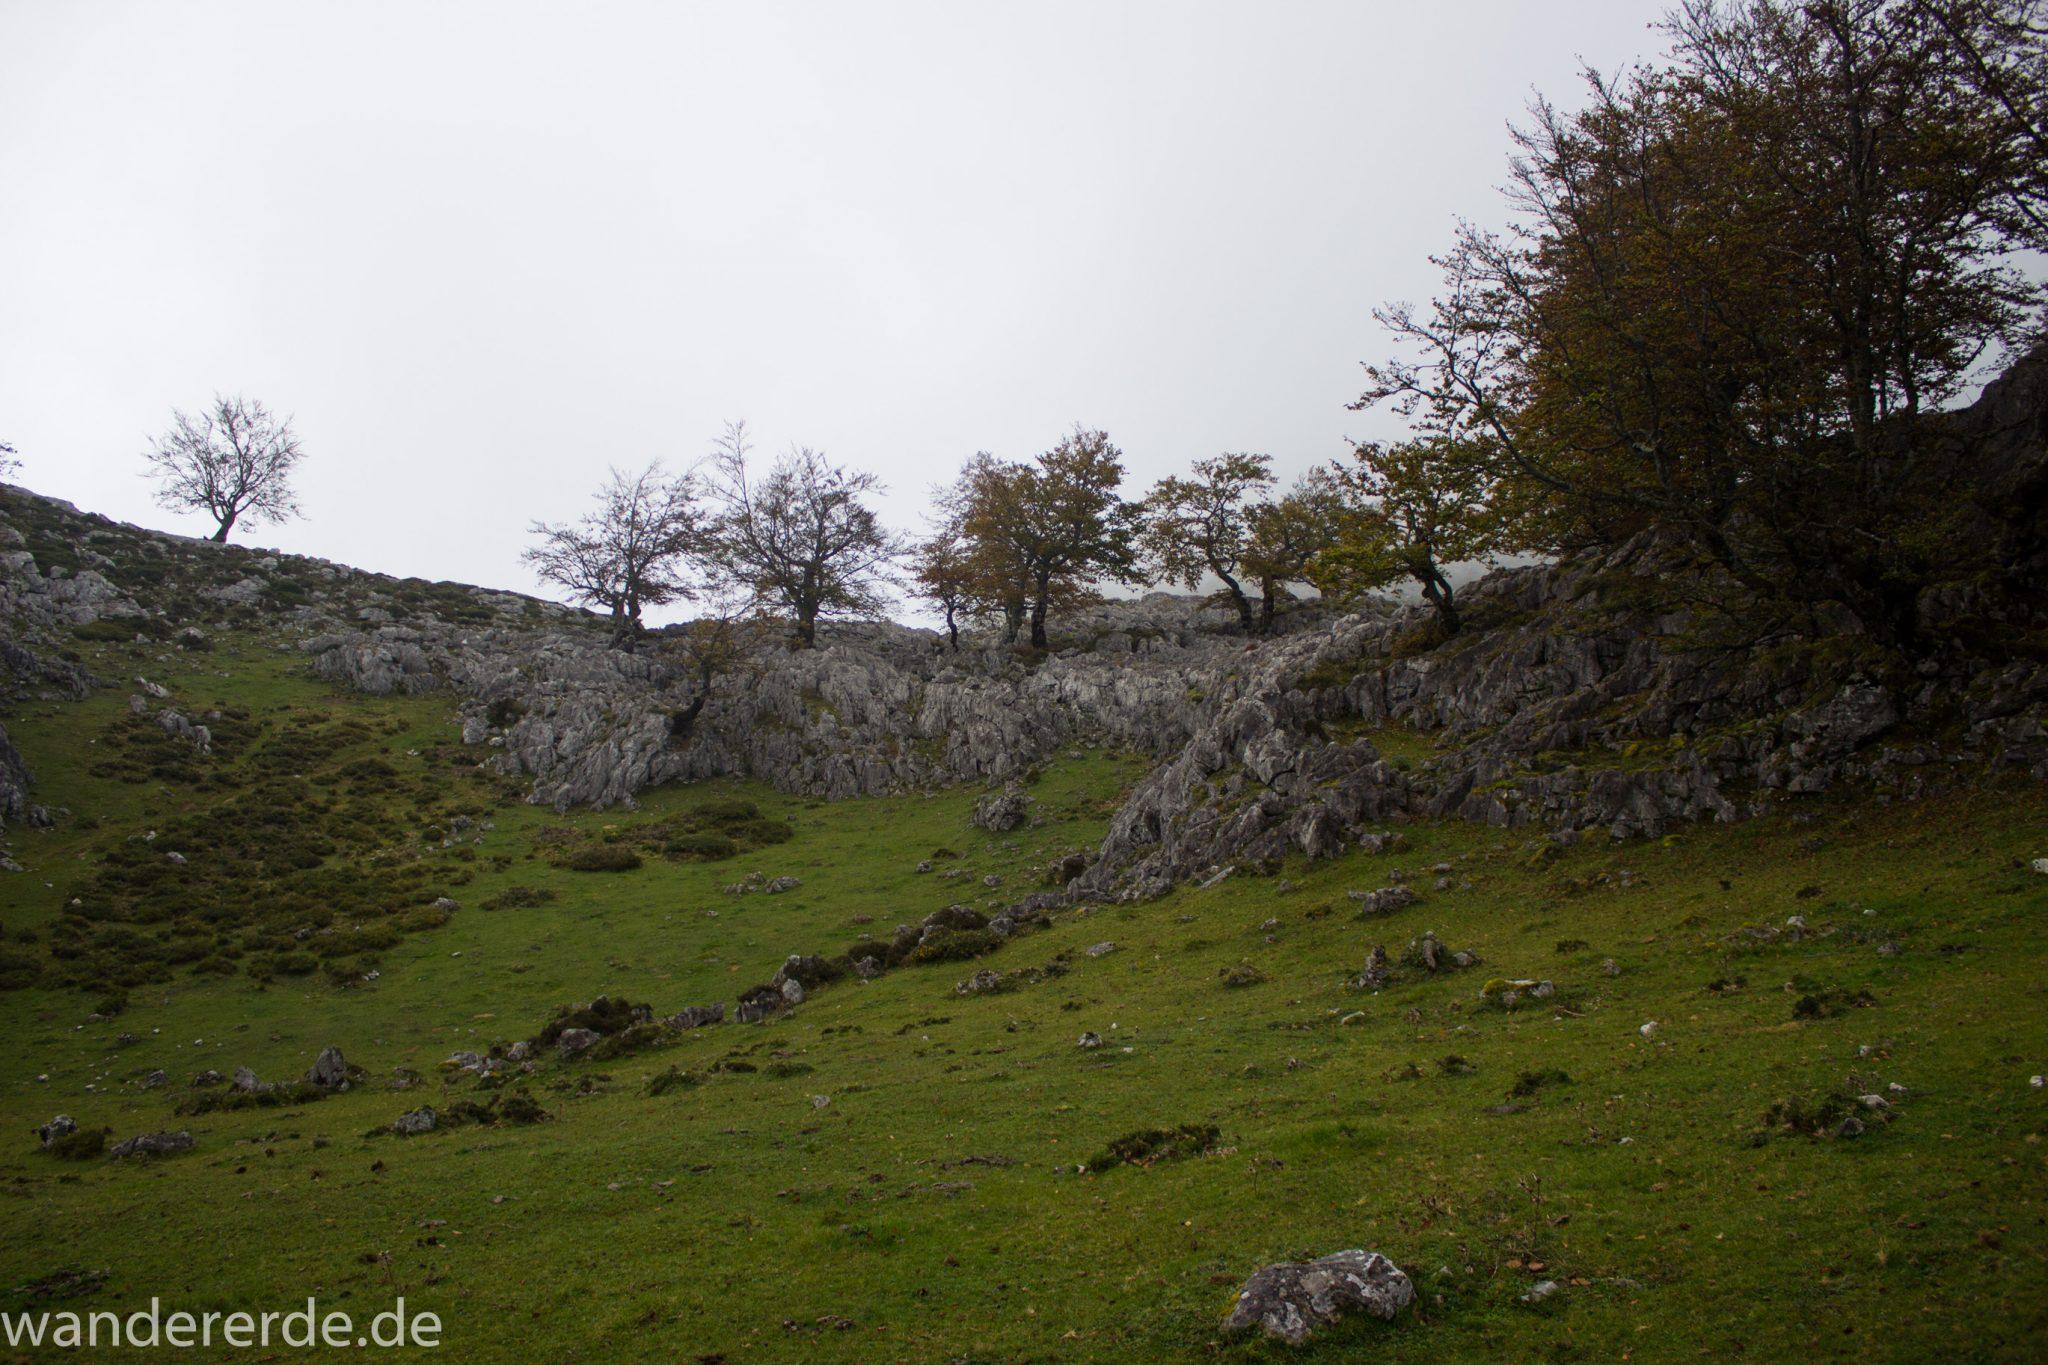 Wanderung Vega de Ario Picos de Europa Spanien, dichte Wolken, Bergregion in Nordspanien, Wandern, zerklüftete Felsen, Steine, atmosphärisch, grüne Wiese und Bäume